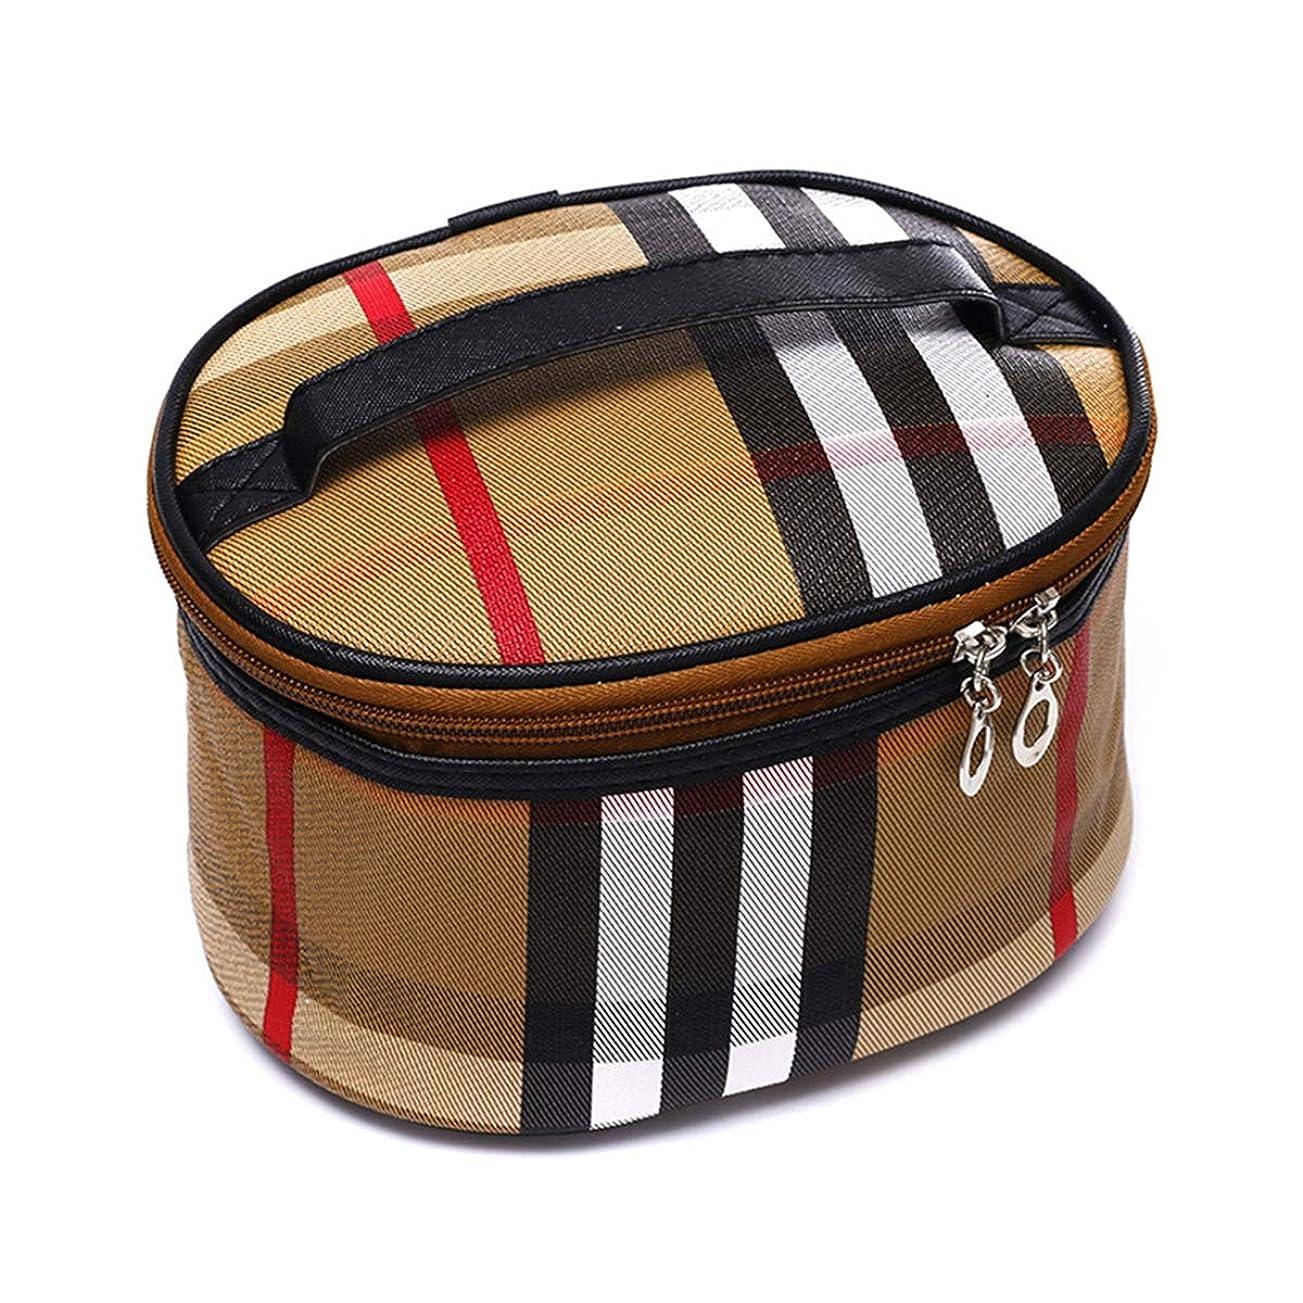 不一致絡まるふさわしい化粧品袋、化粧品収納、10代の少女の女性のための大きい旅行ハンドルの個人化された袋,khaki,20*13*11cm